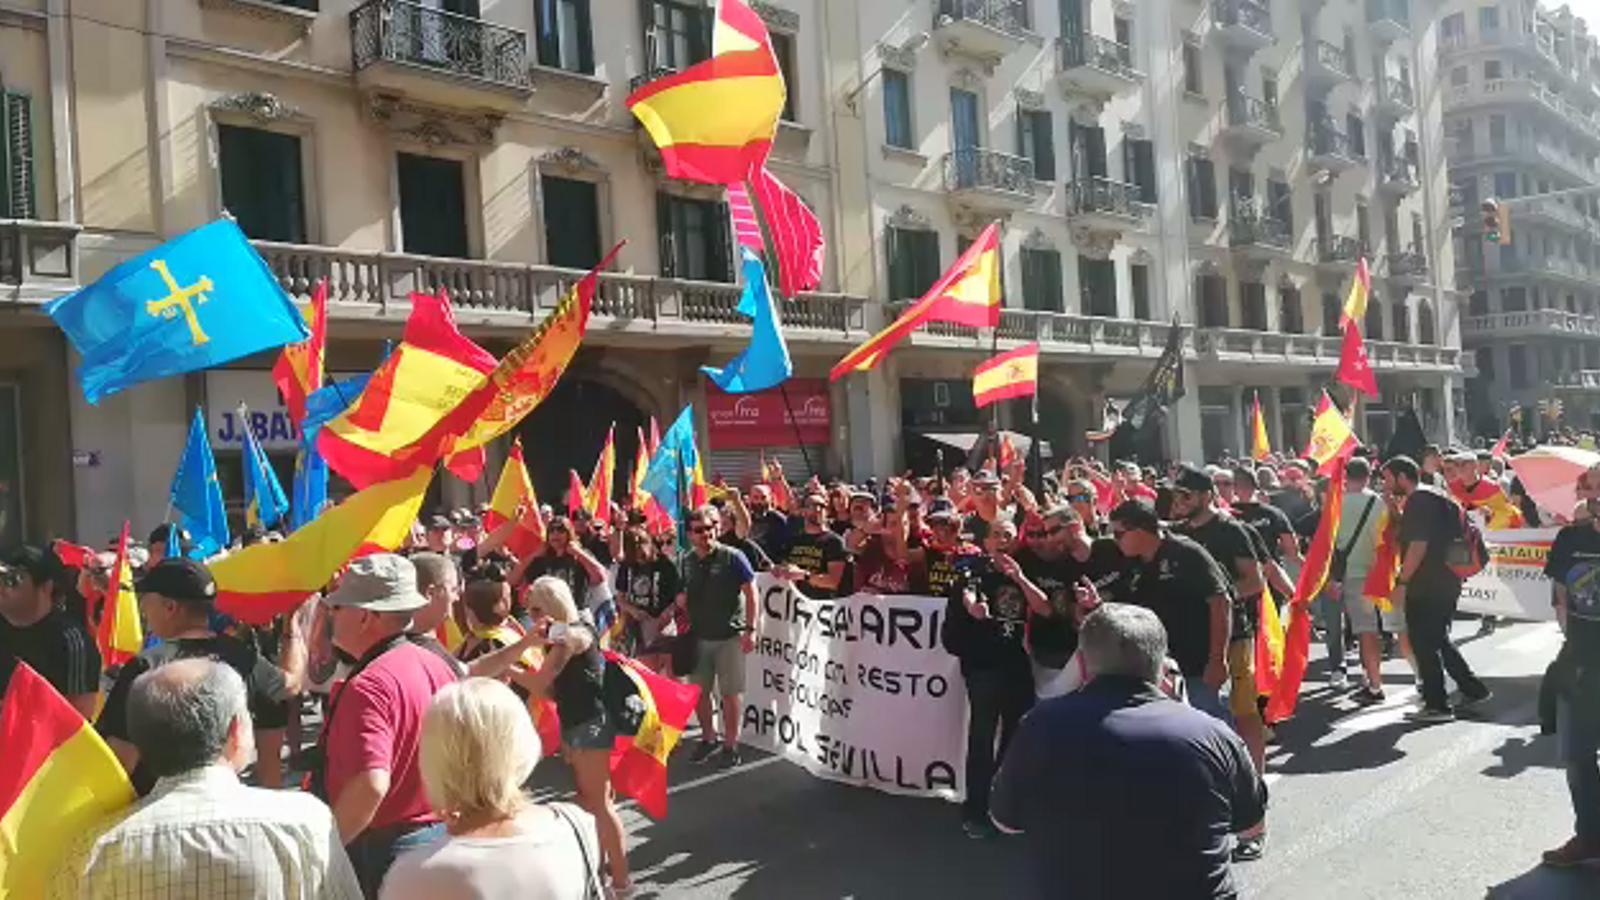 Els assistents a la manifestació de policies nacionals i guàrdies civils ocupen el tram de la Via Laietana que va de la prefectura superior de la Policia Nacional fins a la plaça Urquinaona